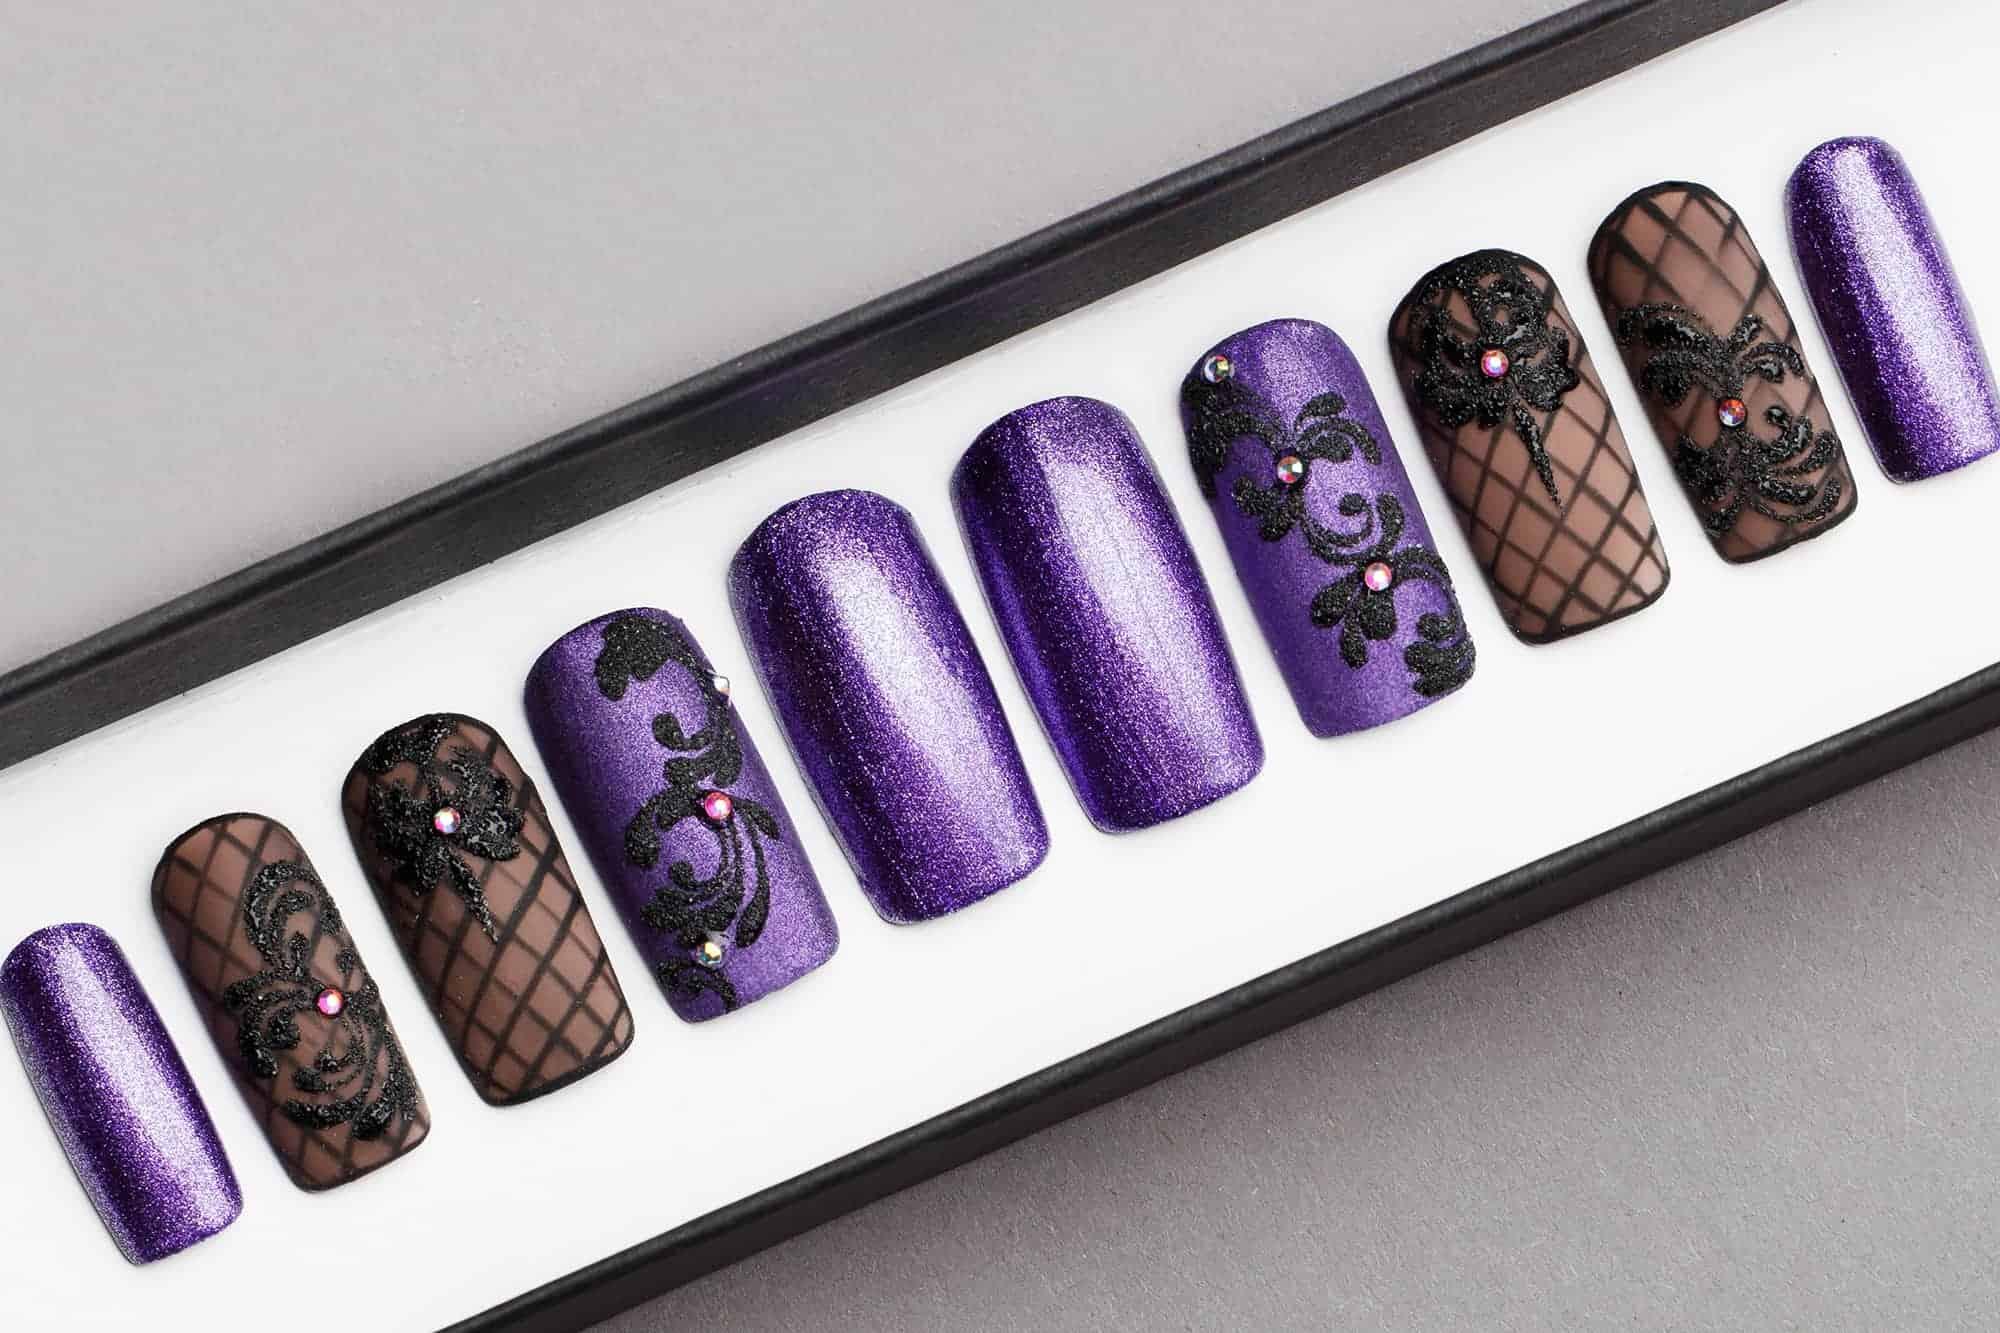 Violet Glitter Press on Nails with Swarovski Crystals | Black Pattern | Hand painted Nail Art | Fake Nails | False Nails